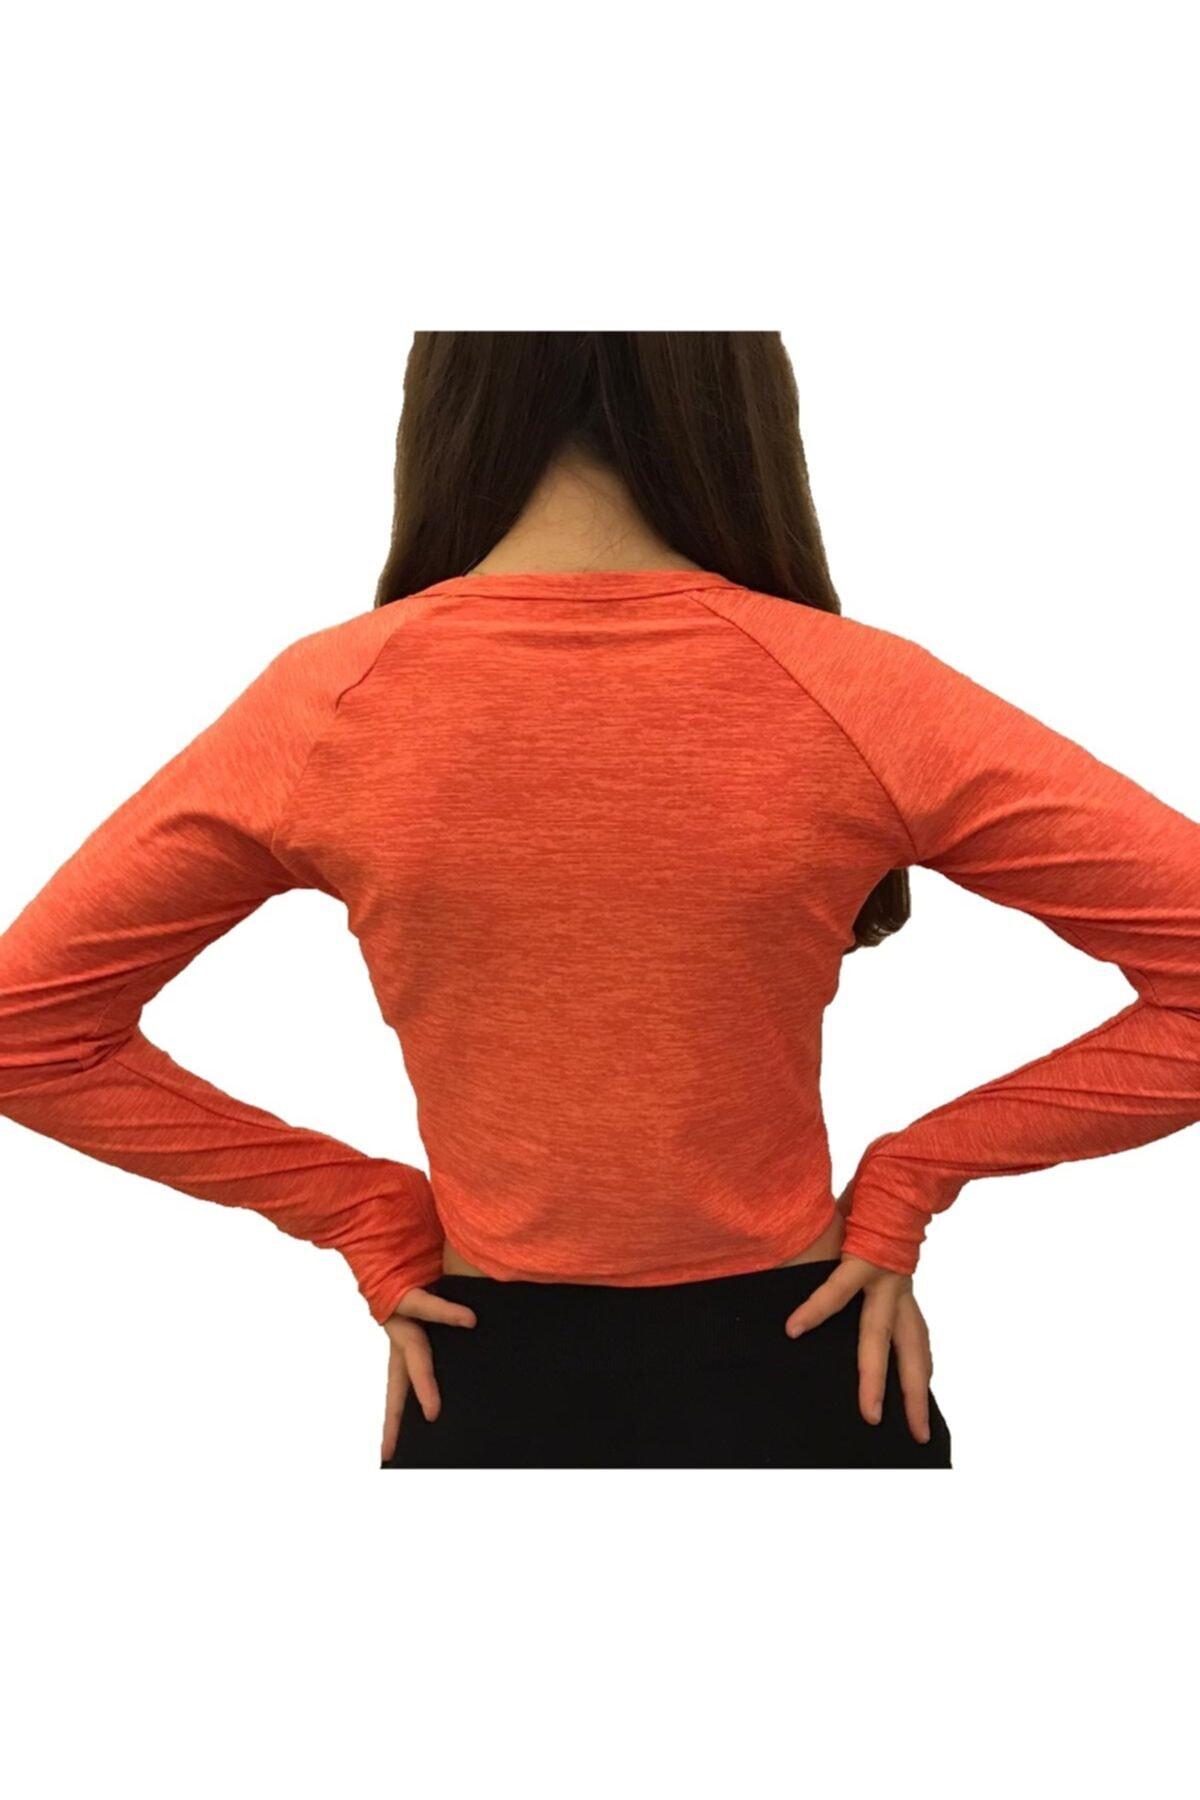 Duffel Kadın Spor Tshirt 2